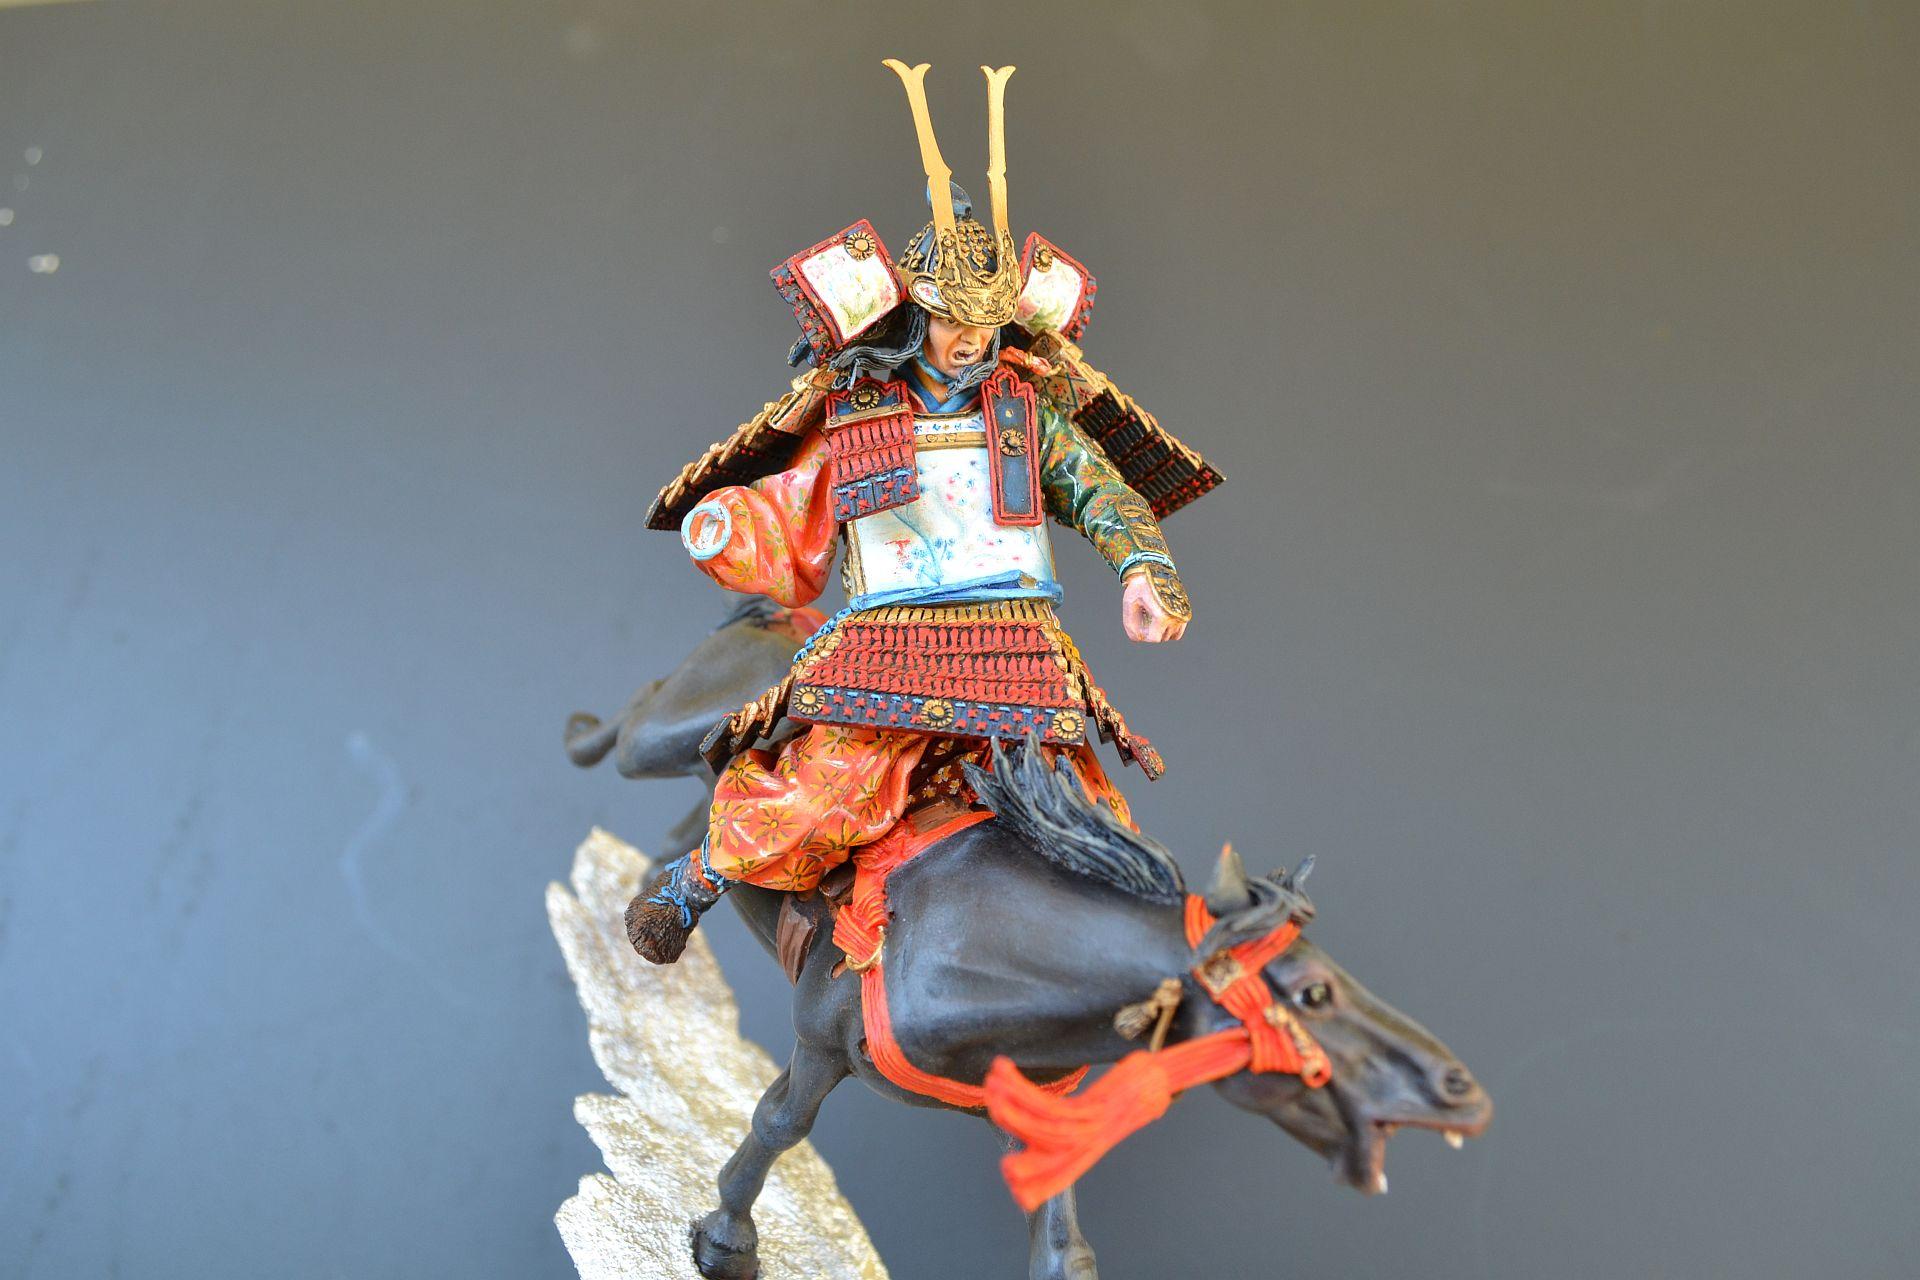 figurine pegaso - samouraï 90 mm - Page 3 160807053840993465